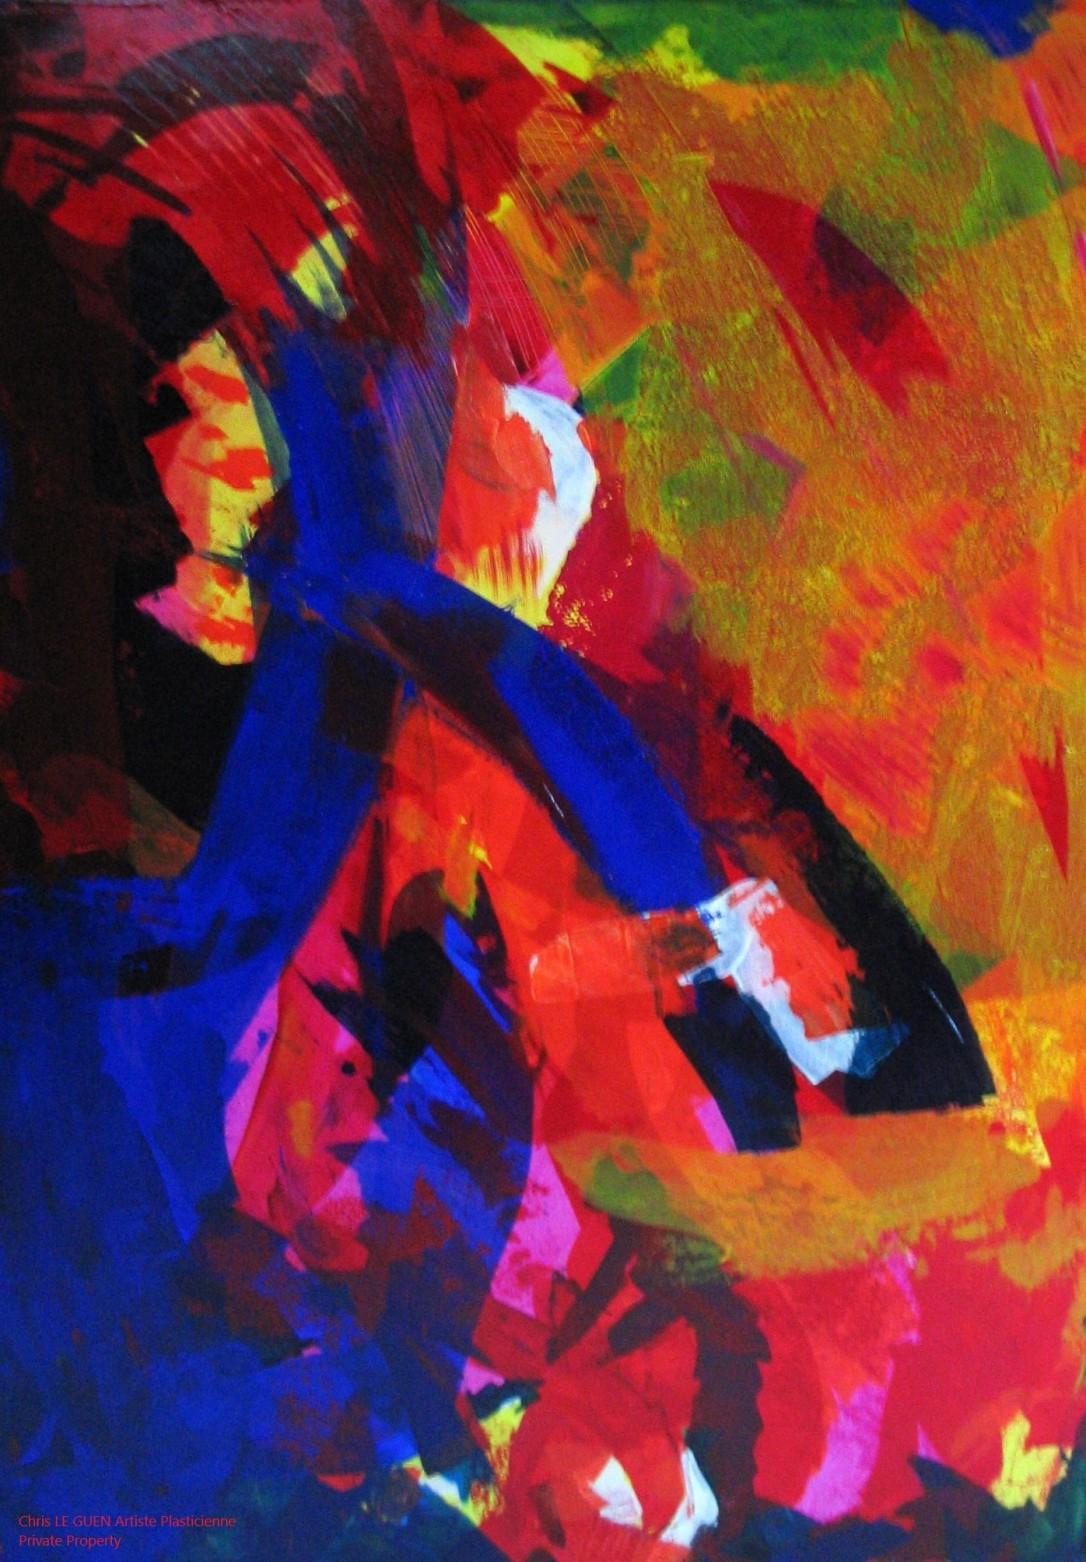 Chris Le Guen Artiste Plasticienne Peintre et Sculptrice créatrice de N°20